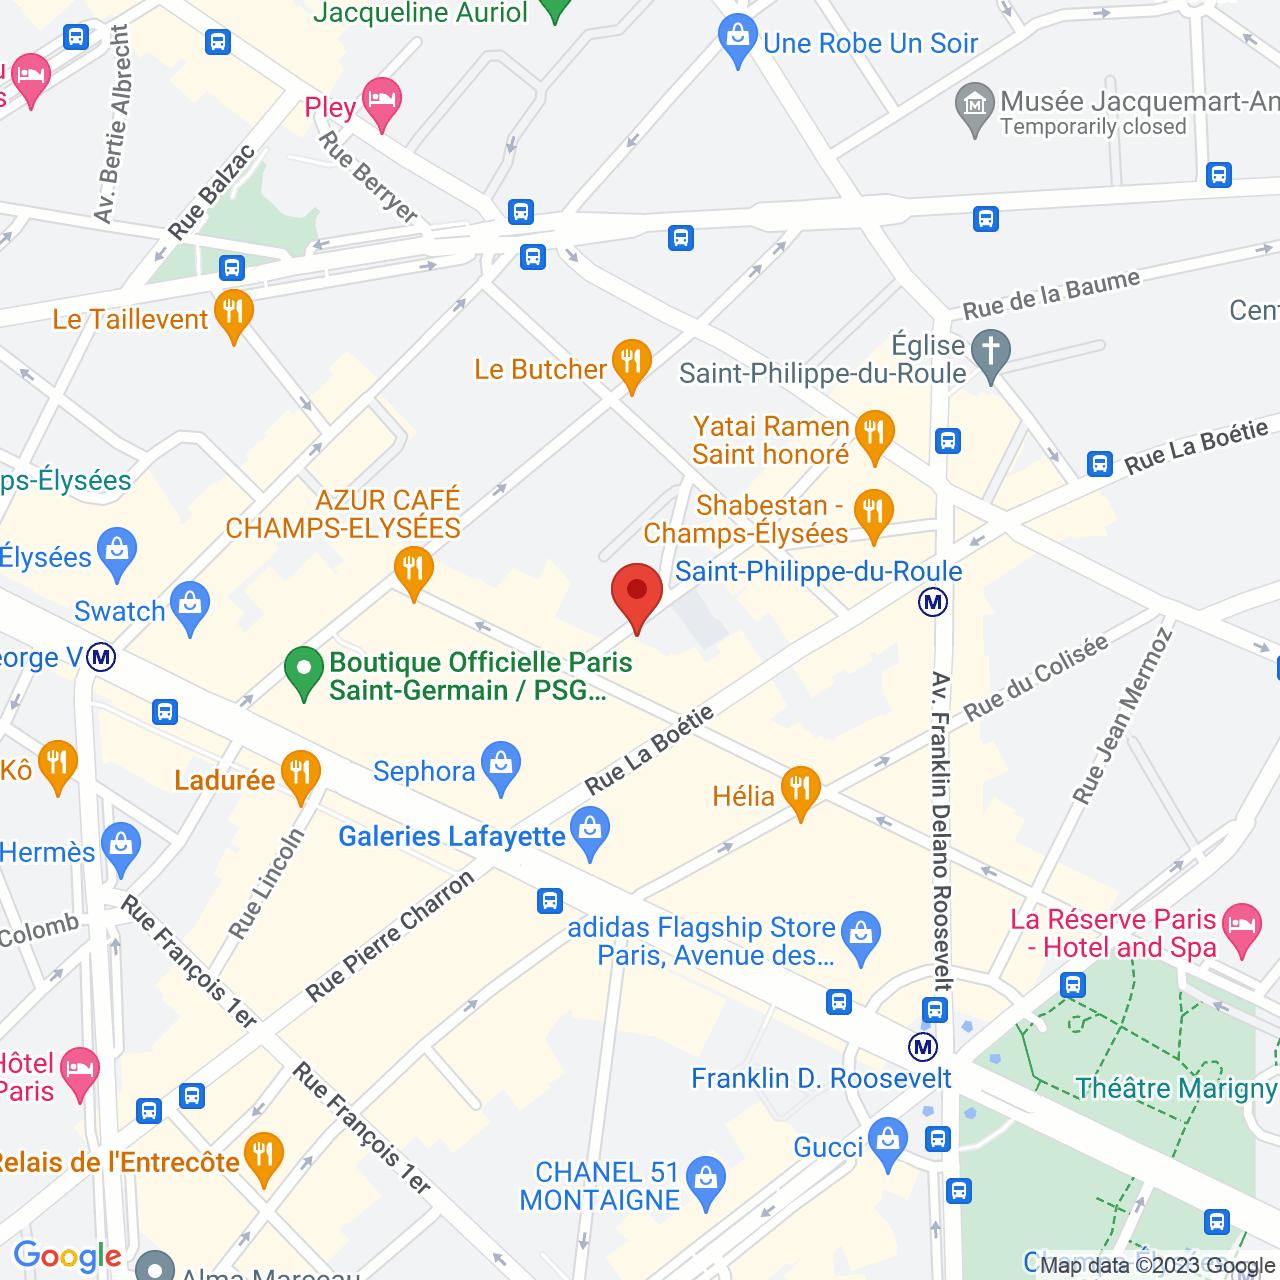 4 rue Paul Baudry, F-75008 Paris, France